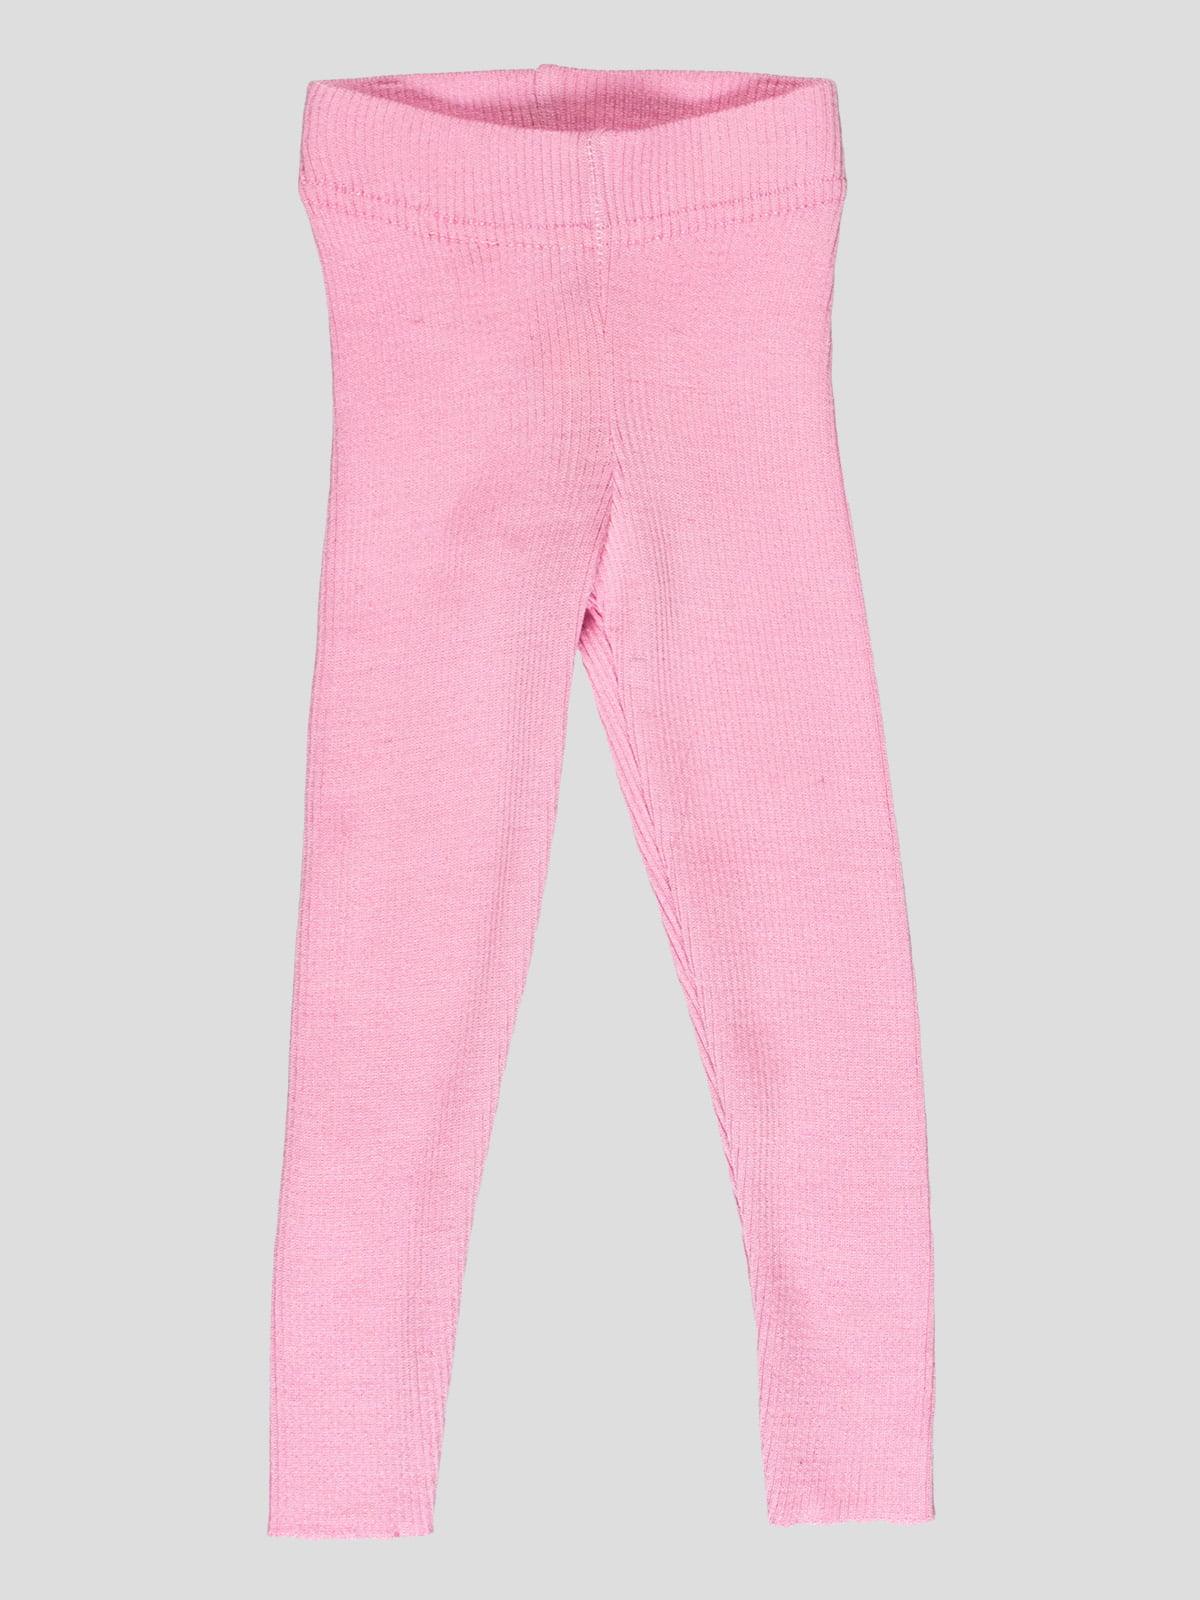 Легінси світло-рожеві | 777737